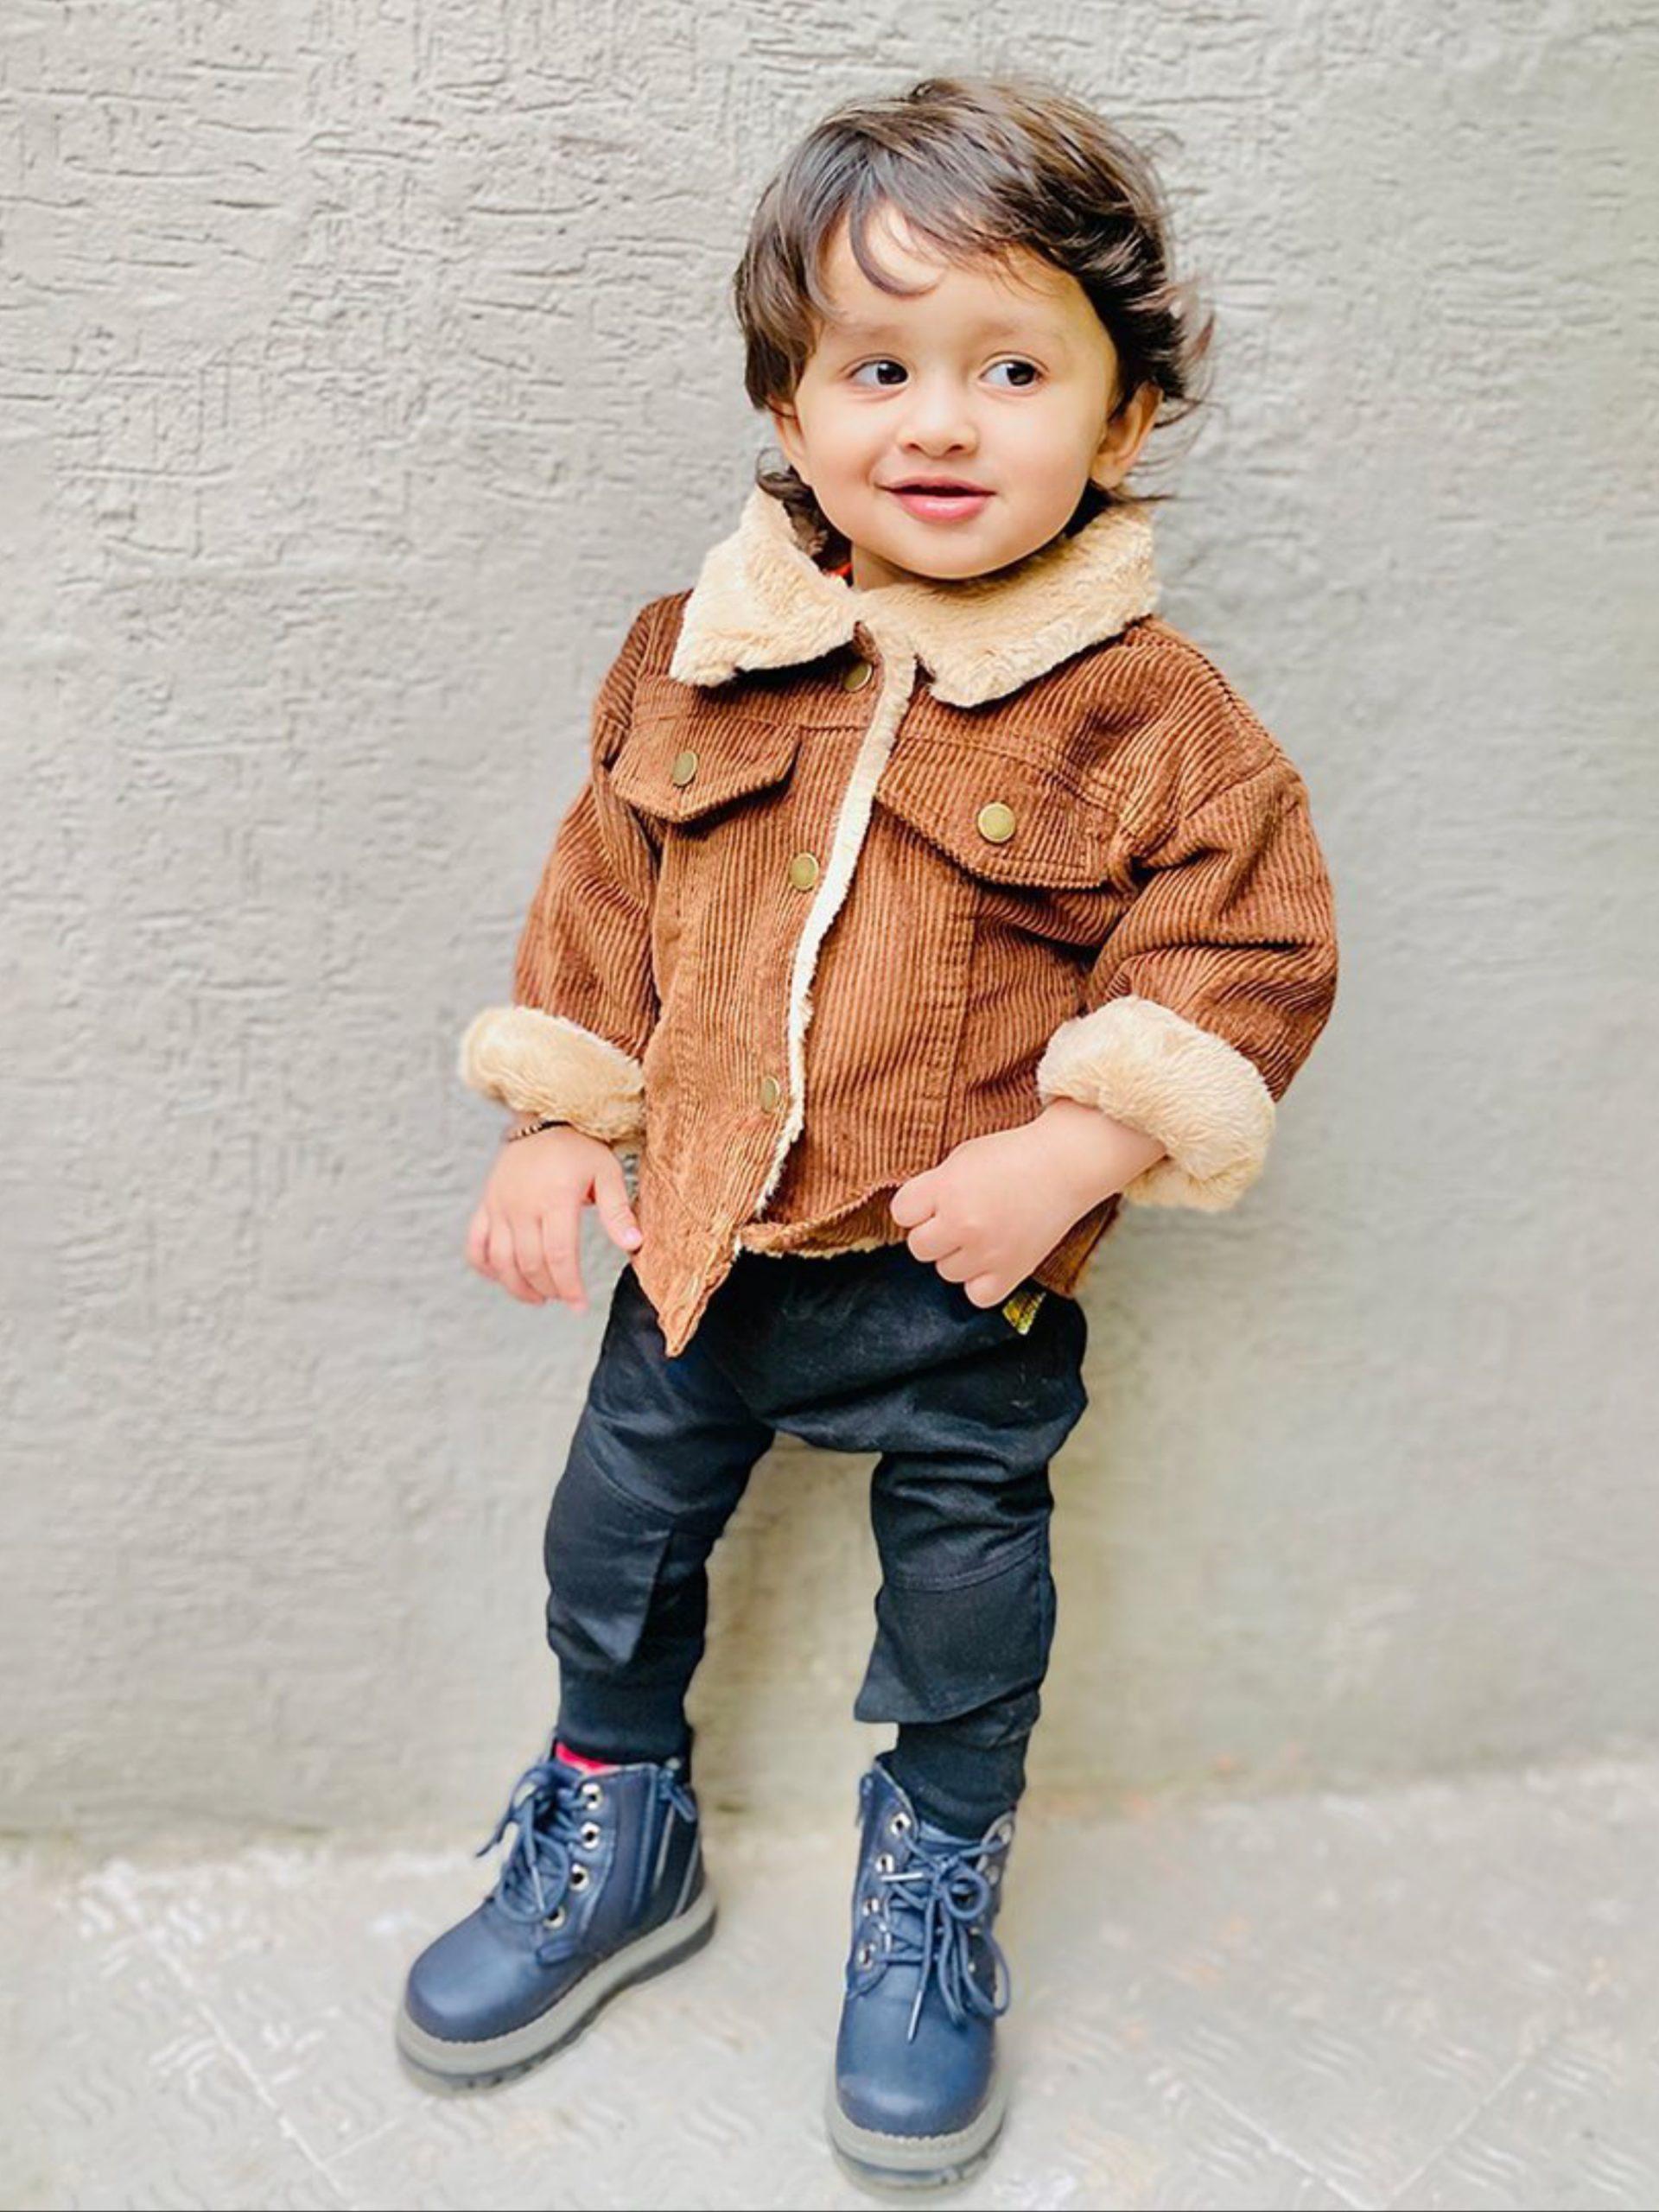 A stylish child